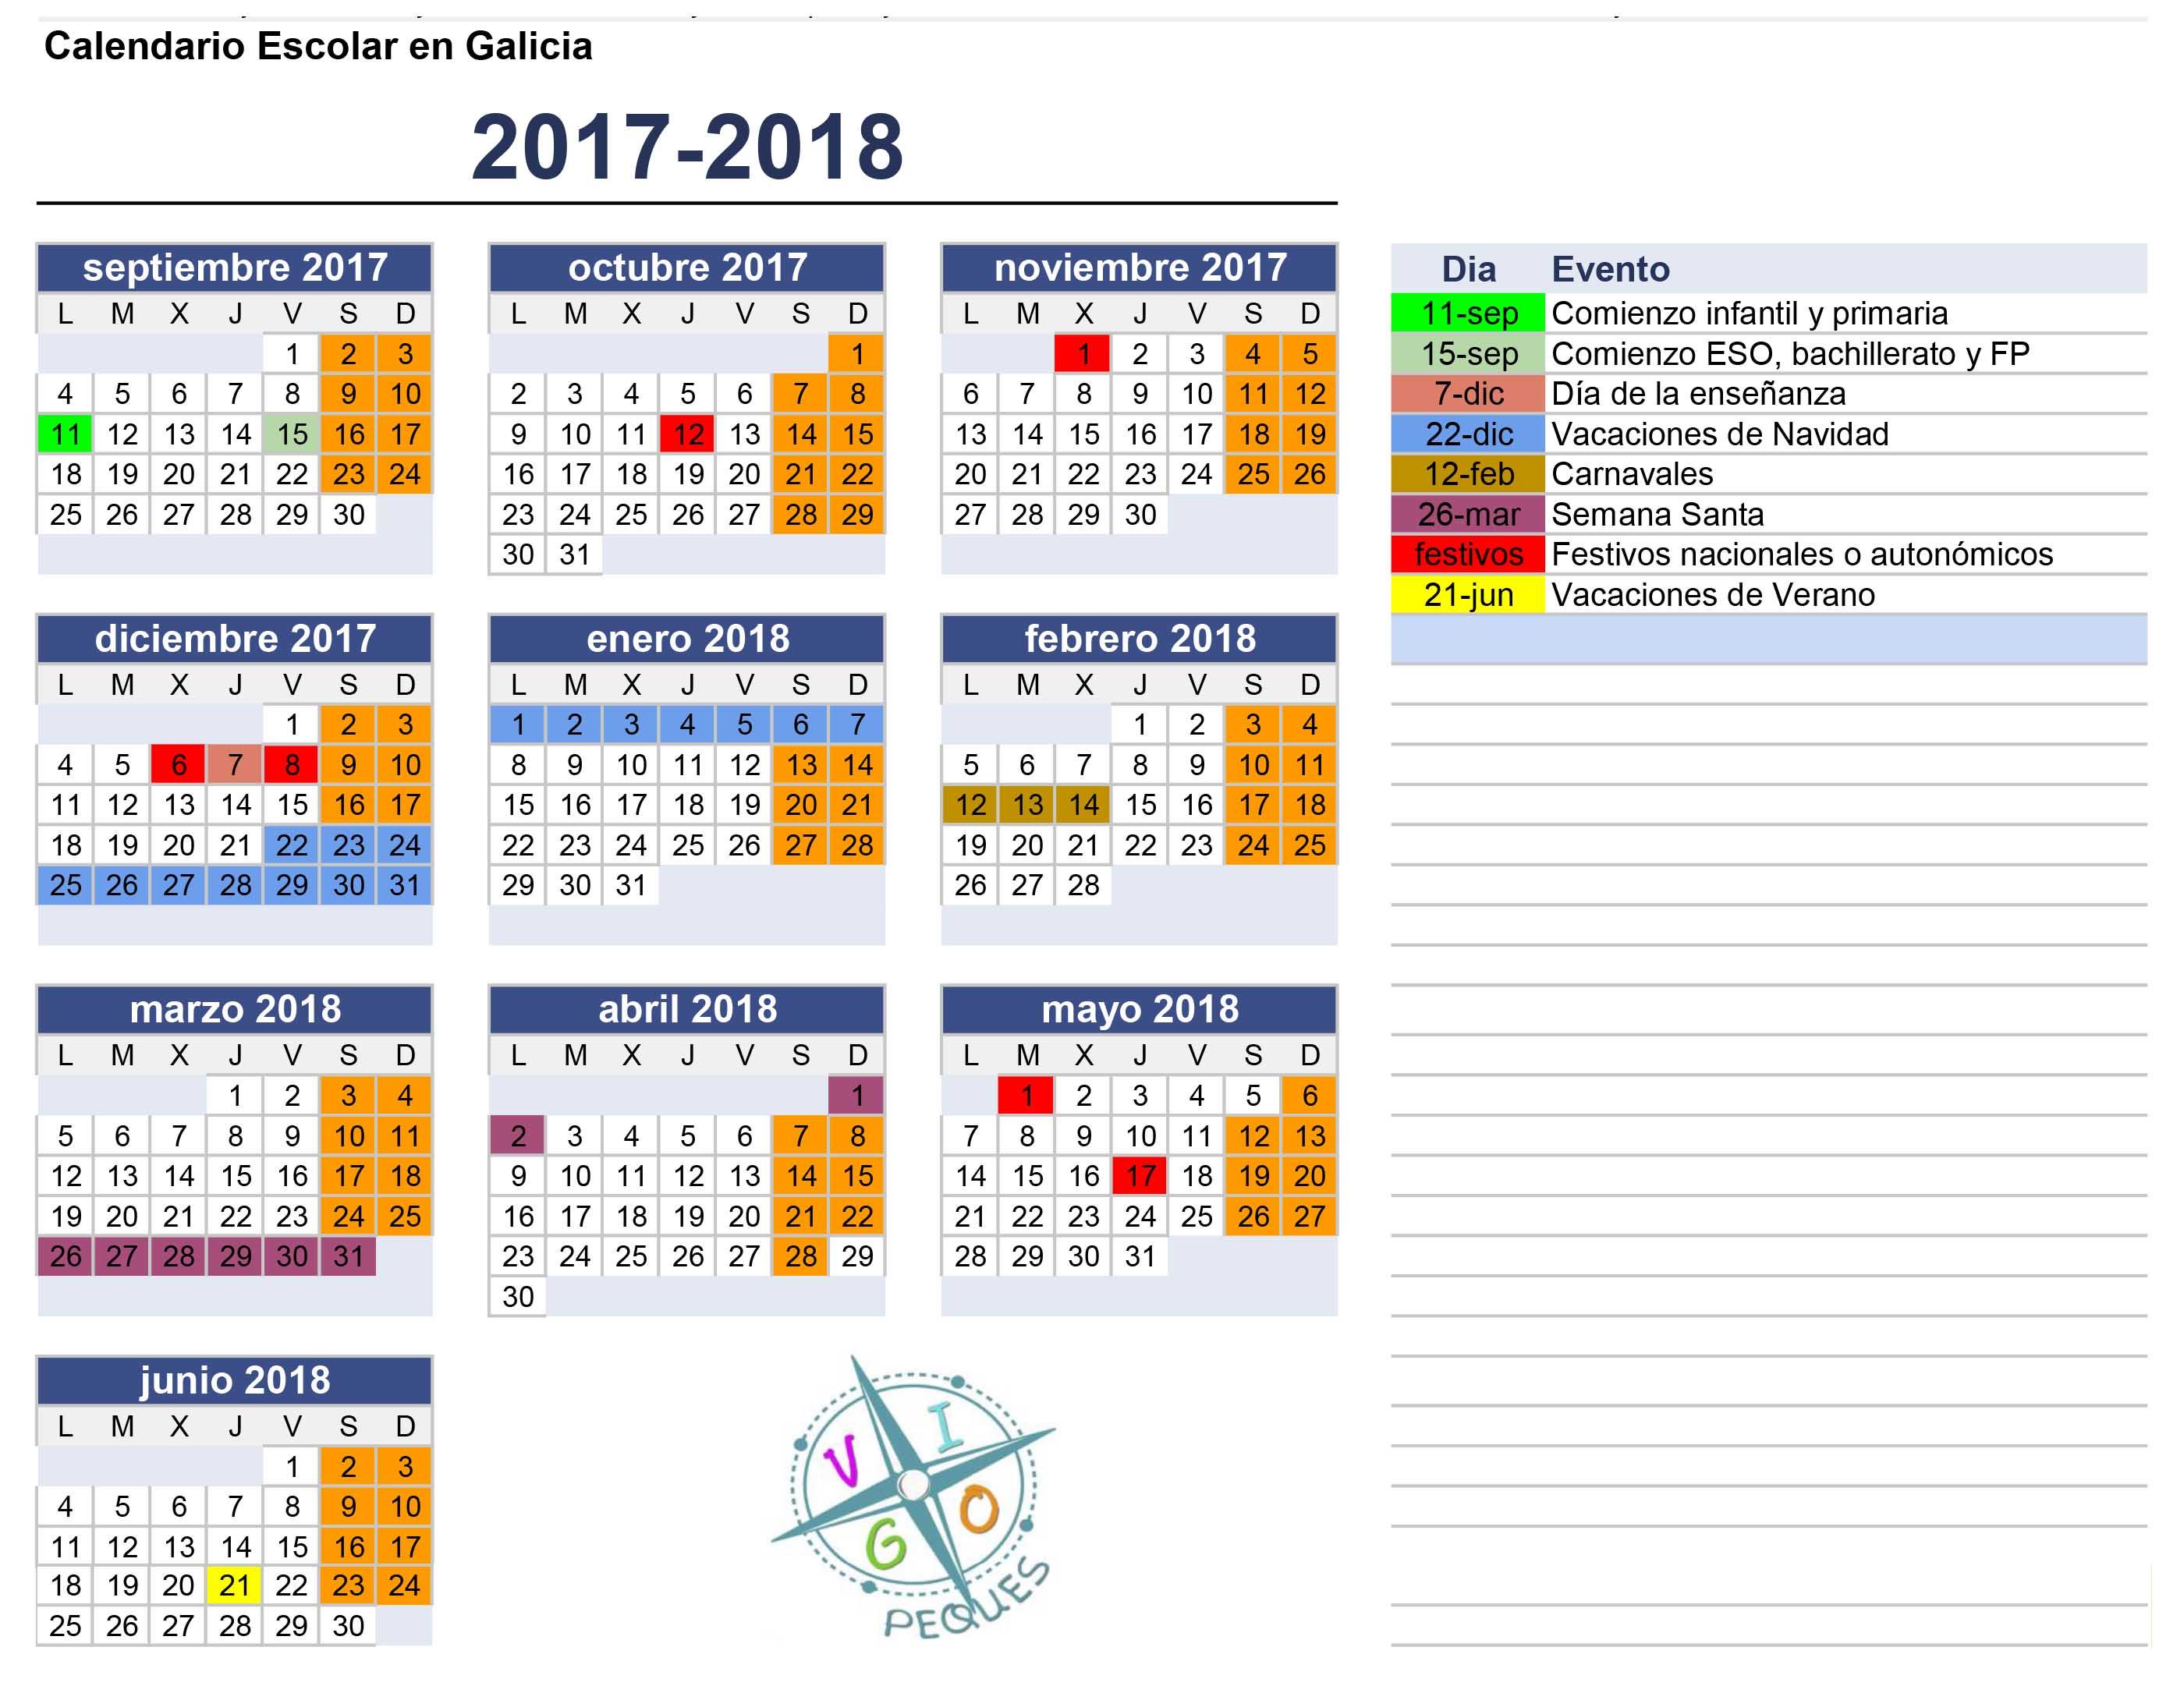 Calendario escolar de Galicia 2017-2018 en formato JPG